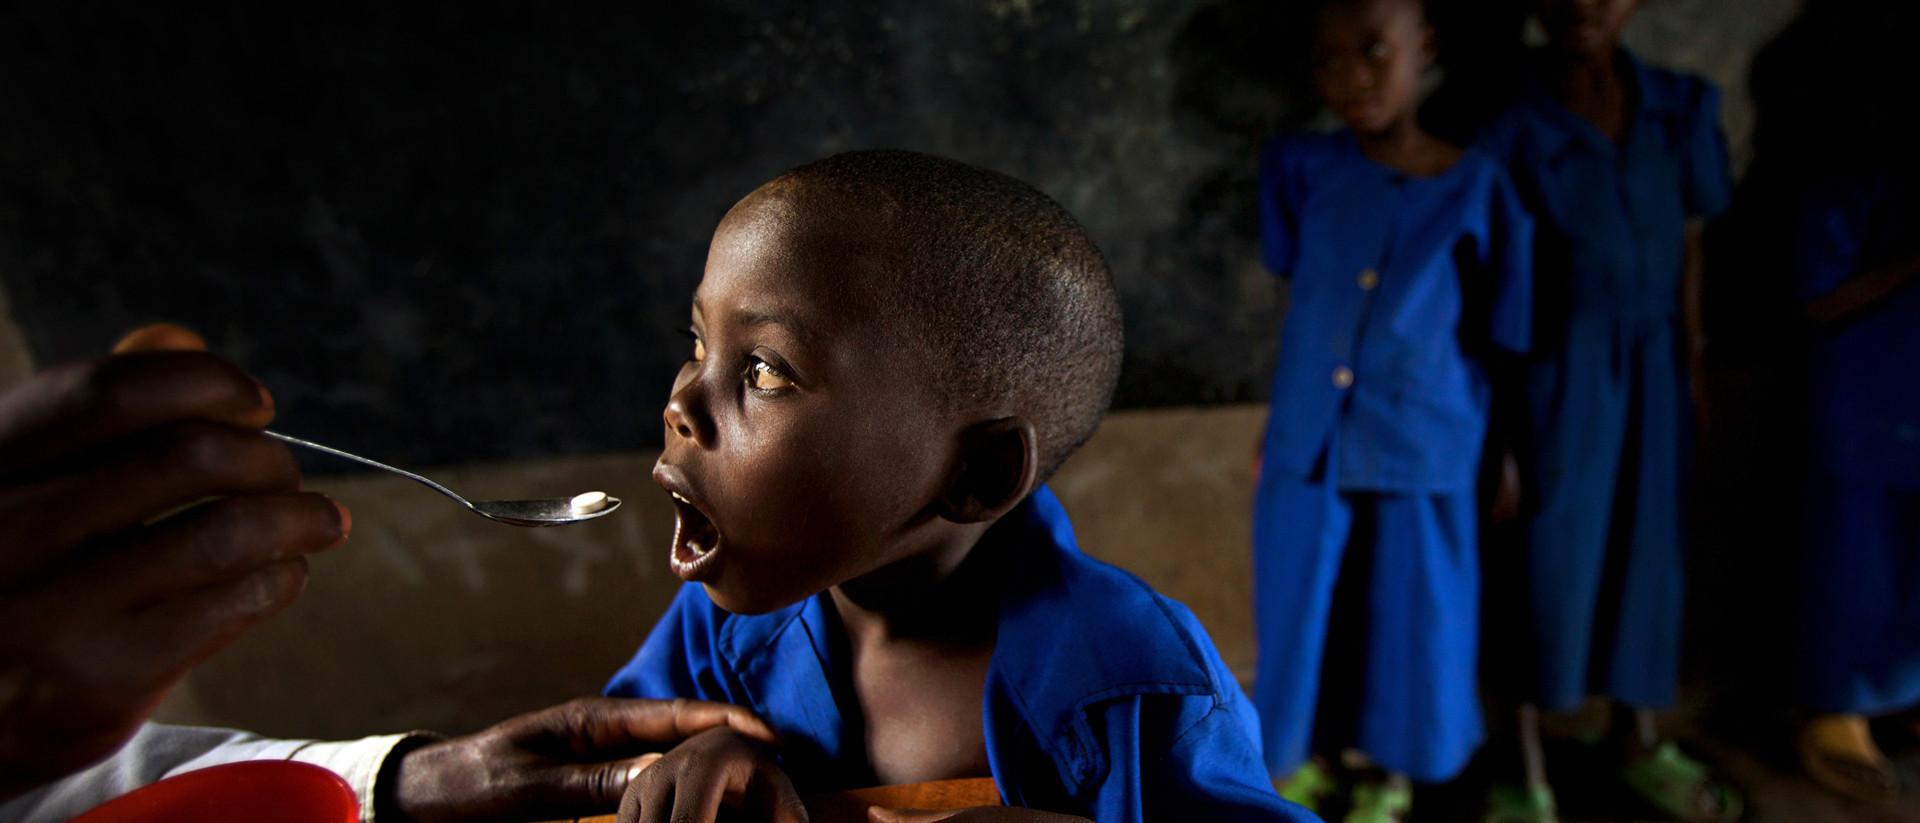 Als we toch met pilletjes tegen ontworming armoede wereldwijd konden bestrijden. Foto: Robin Hammond / Hollandse Hoogte